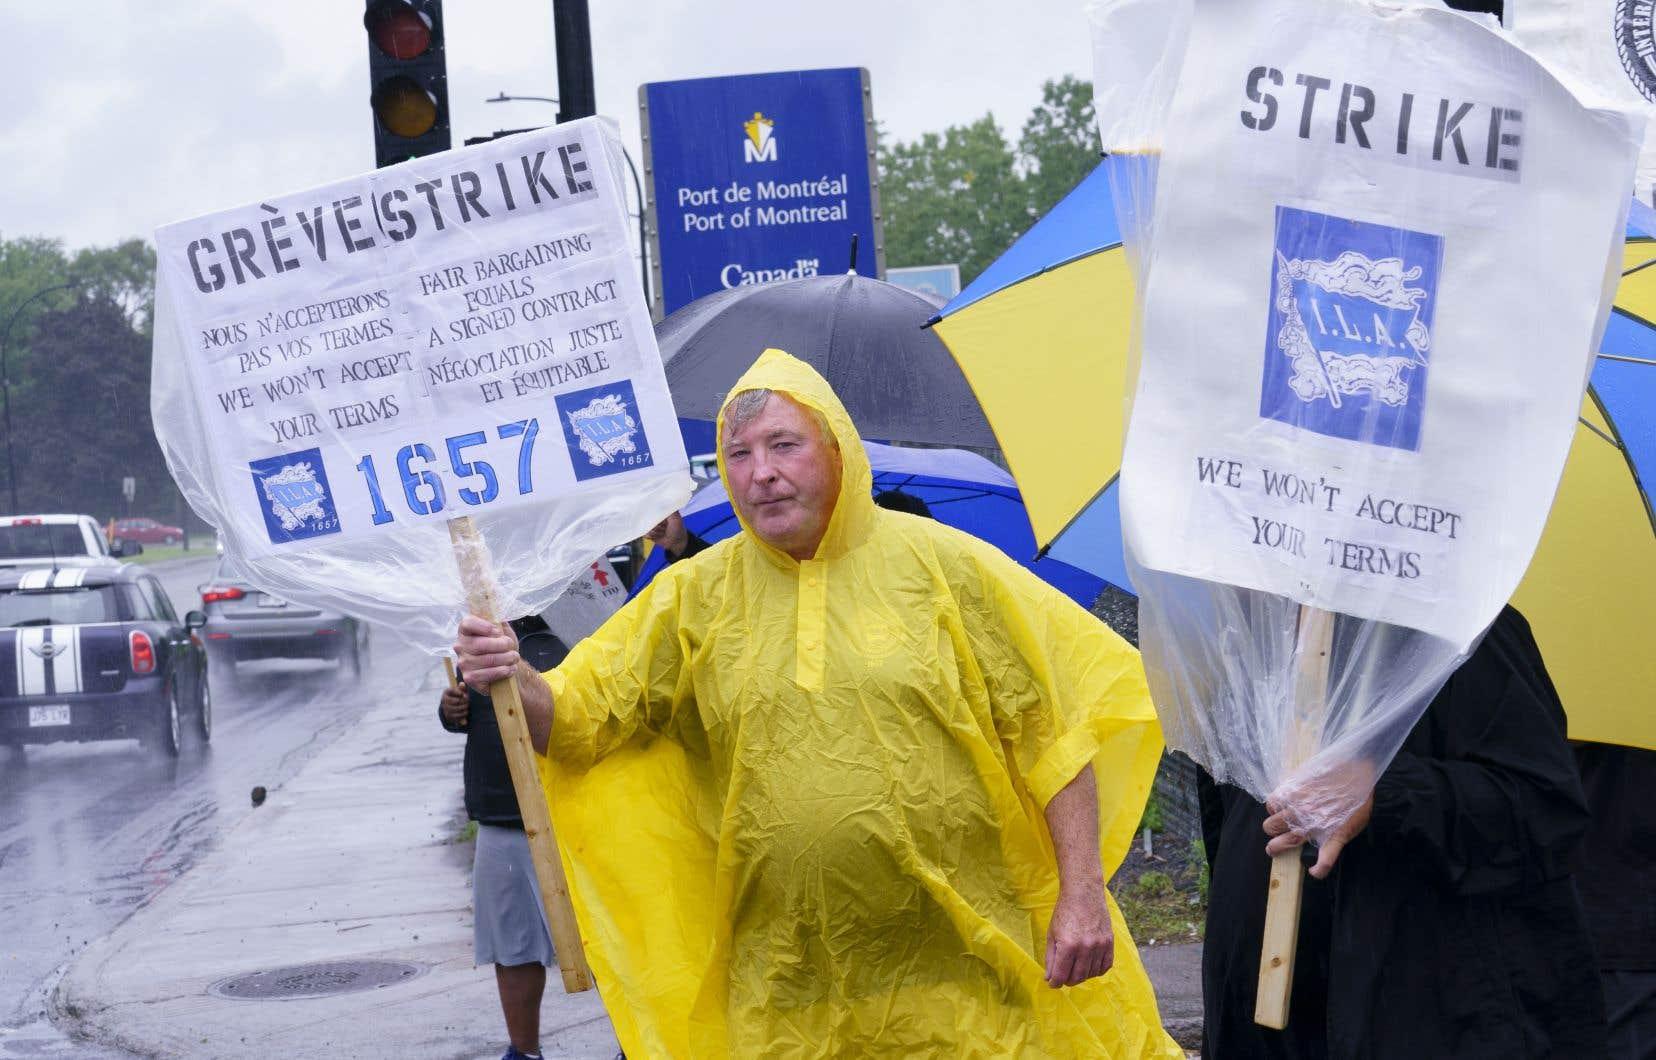 Les grévistes ont bravé la pluie lundi. Les débardeurs du Port de Montréal ont déclenché une grève générale illimitée la semaine dernière.